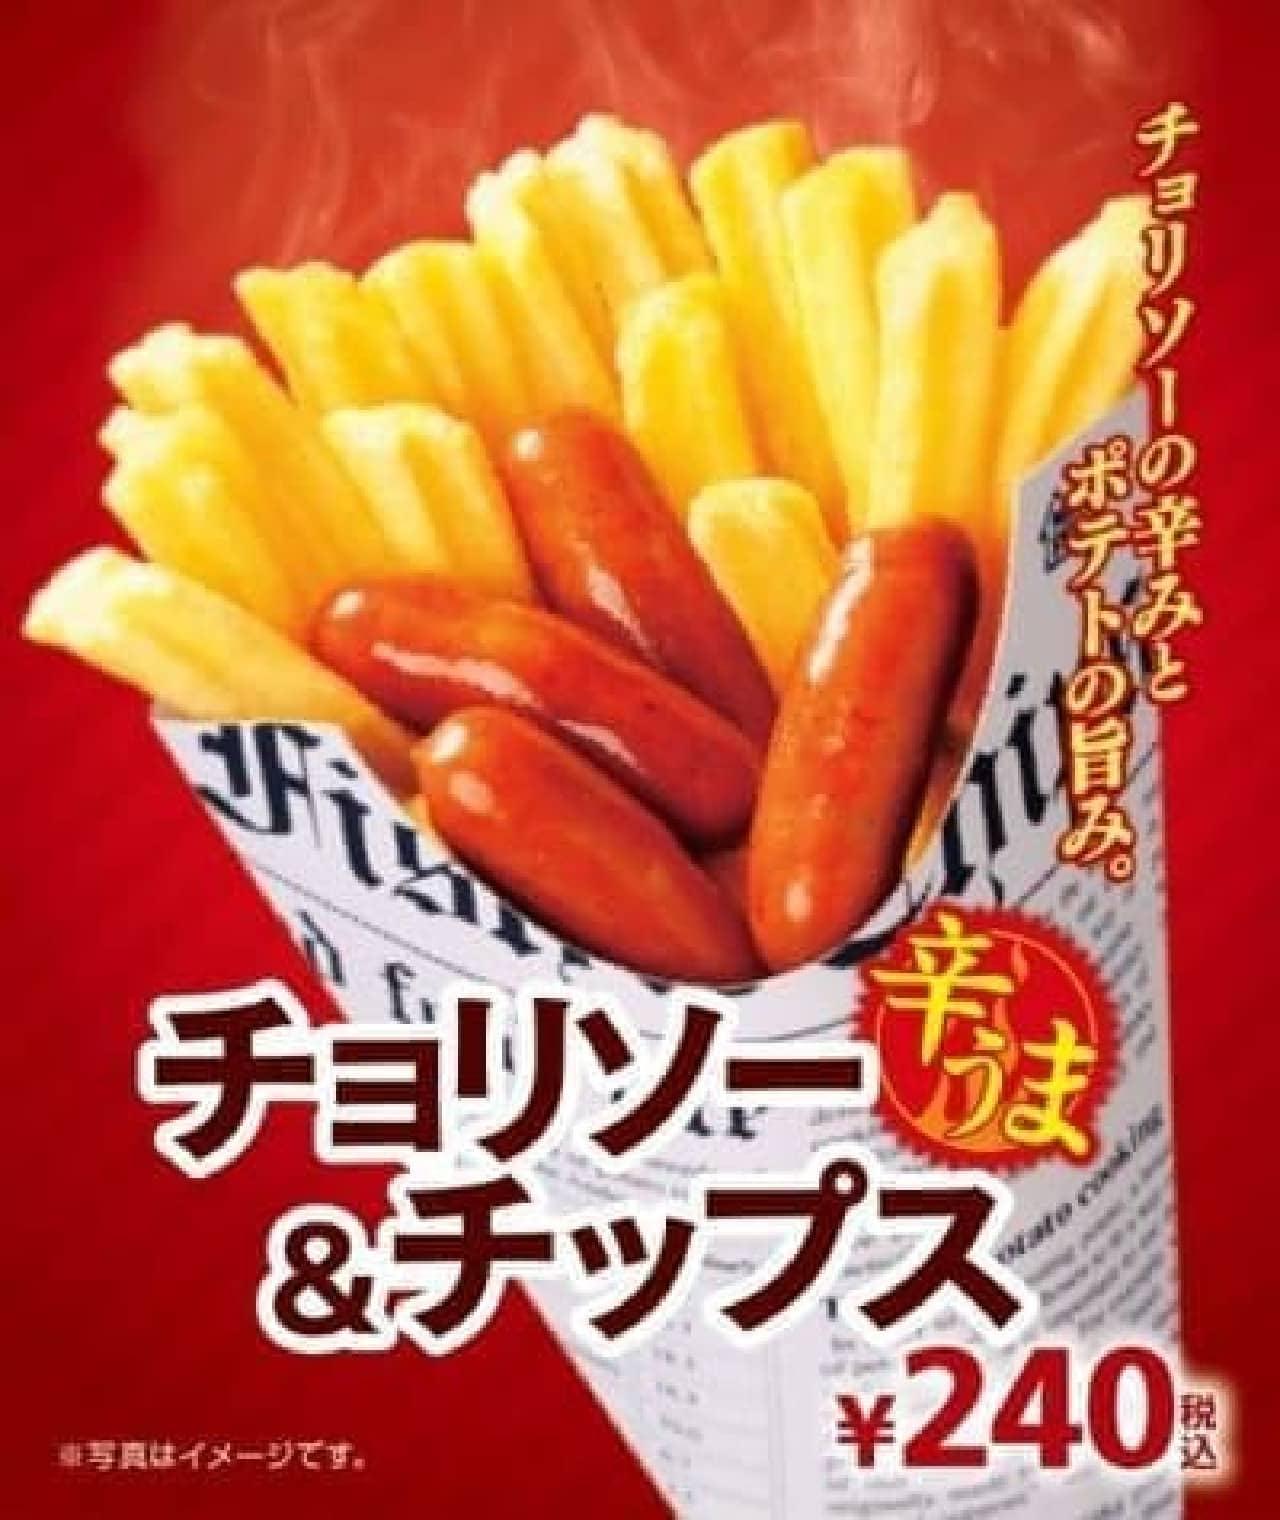 ほくほくポテトとピリ辛チョリソーの最強タッグ!